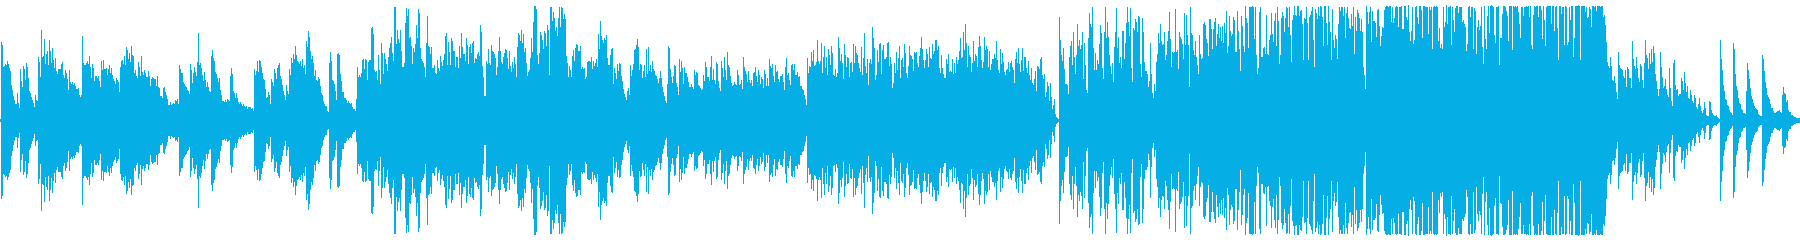 童謡の「ふるさと」インスト曲アレンジの再生済みの波形